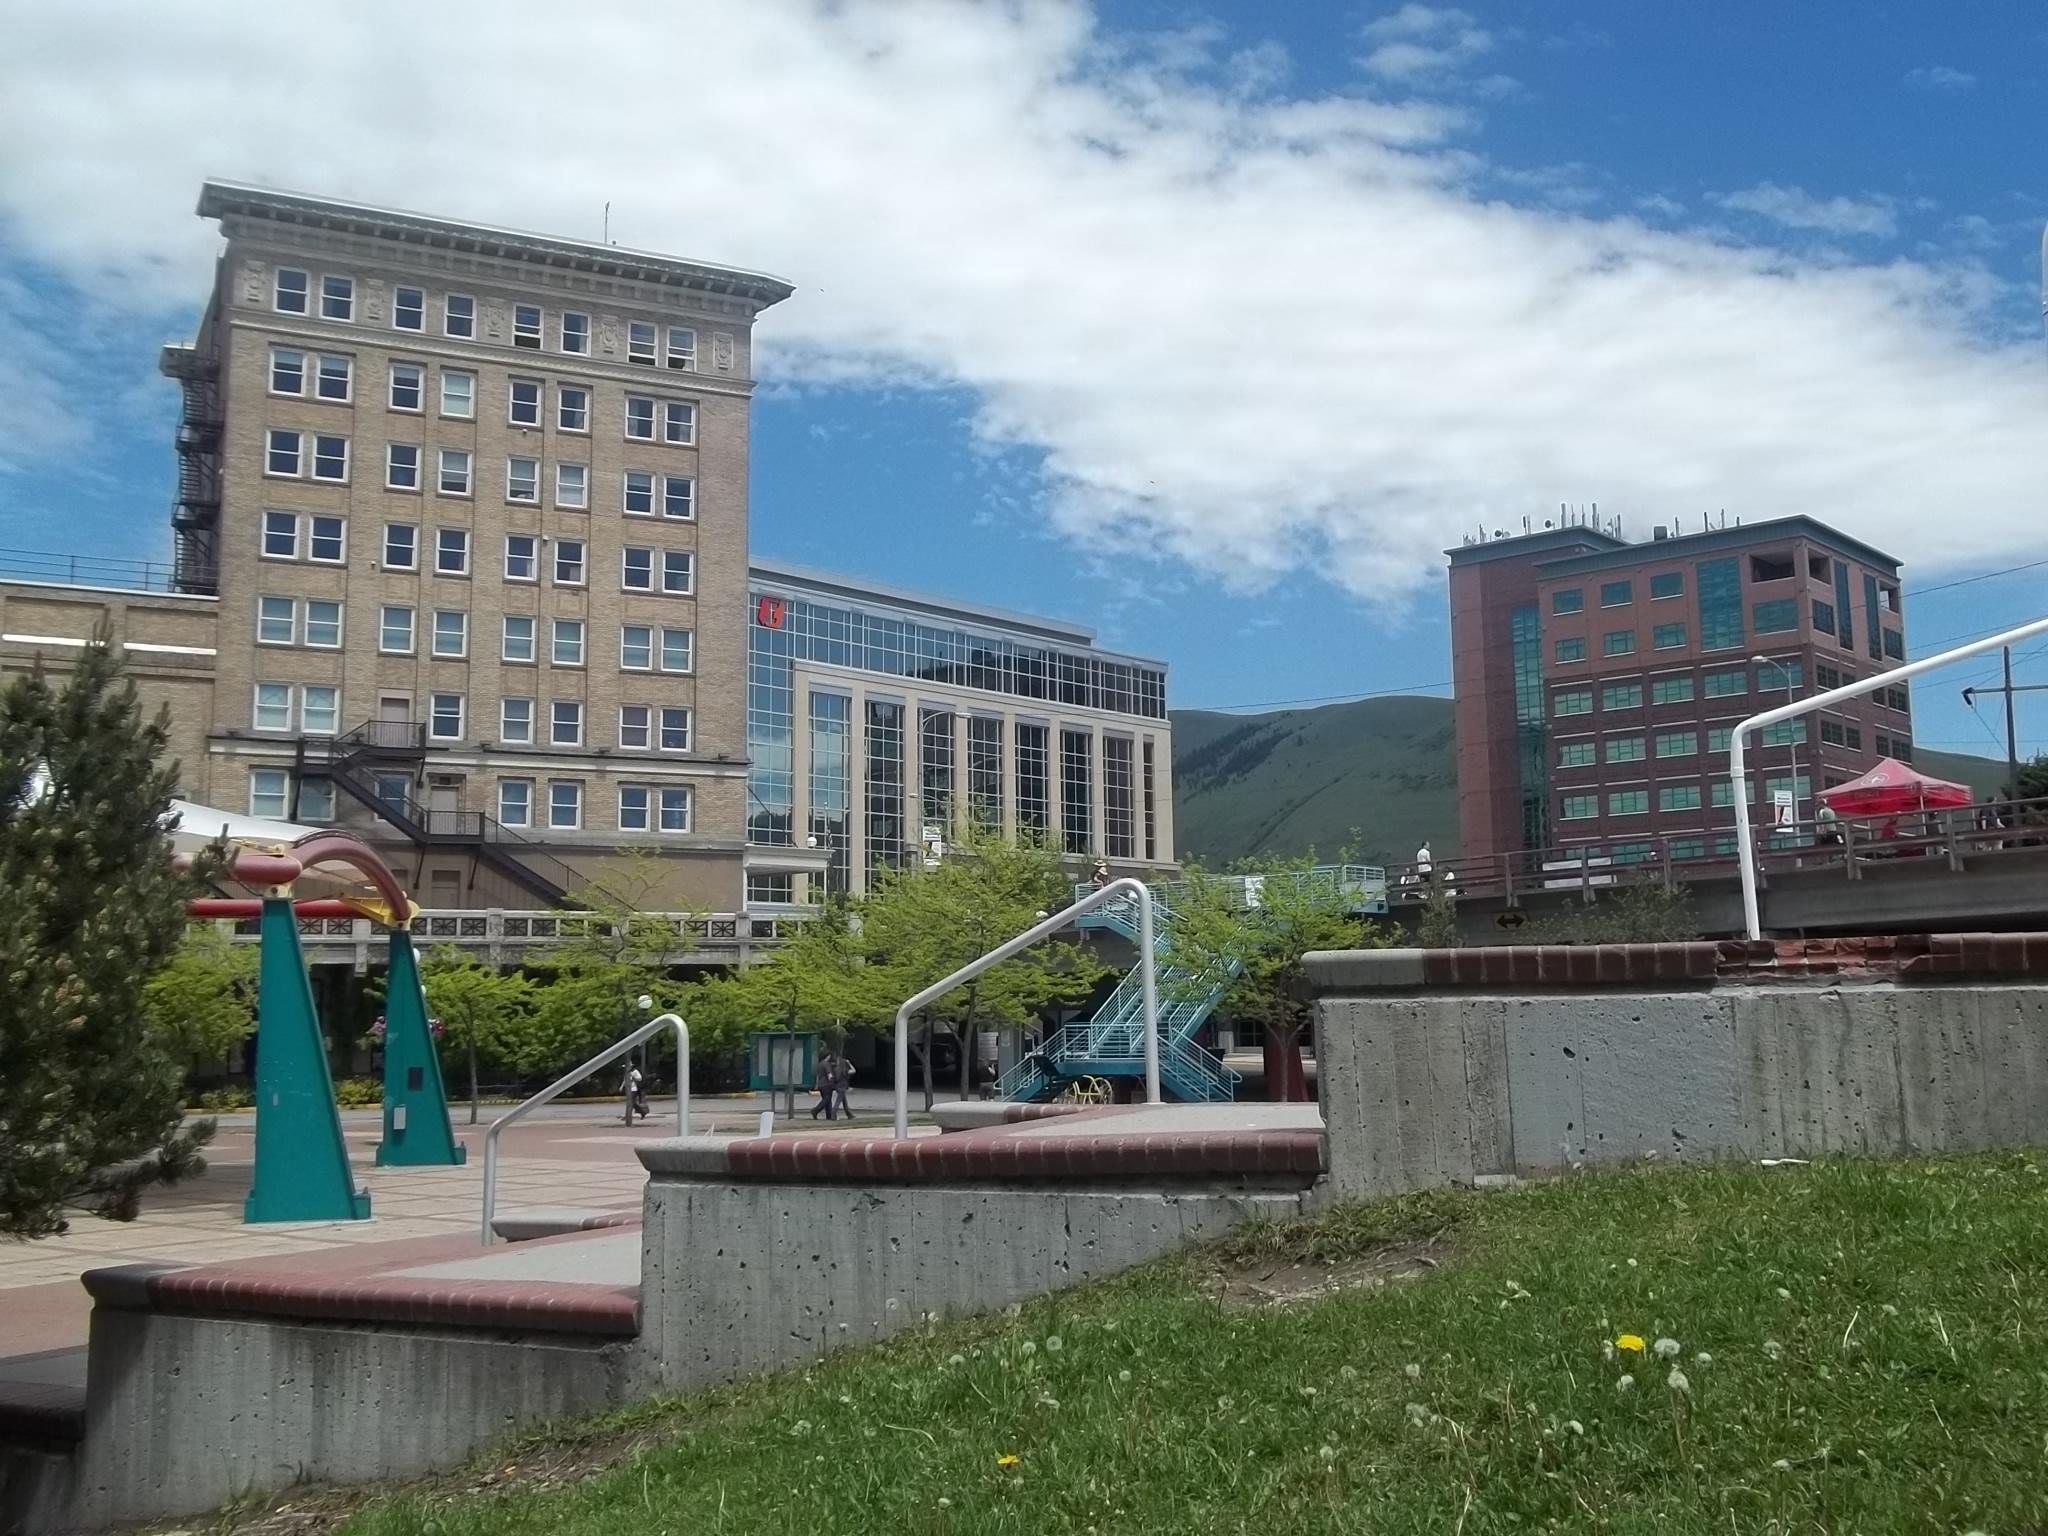 Downtown Missoula - Wikipedia on